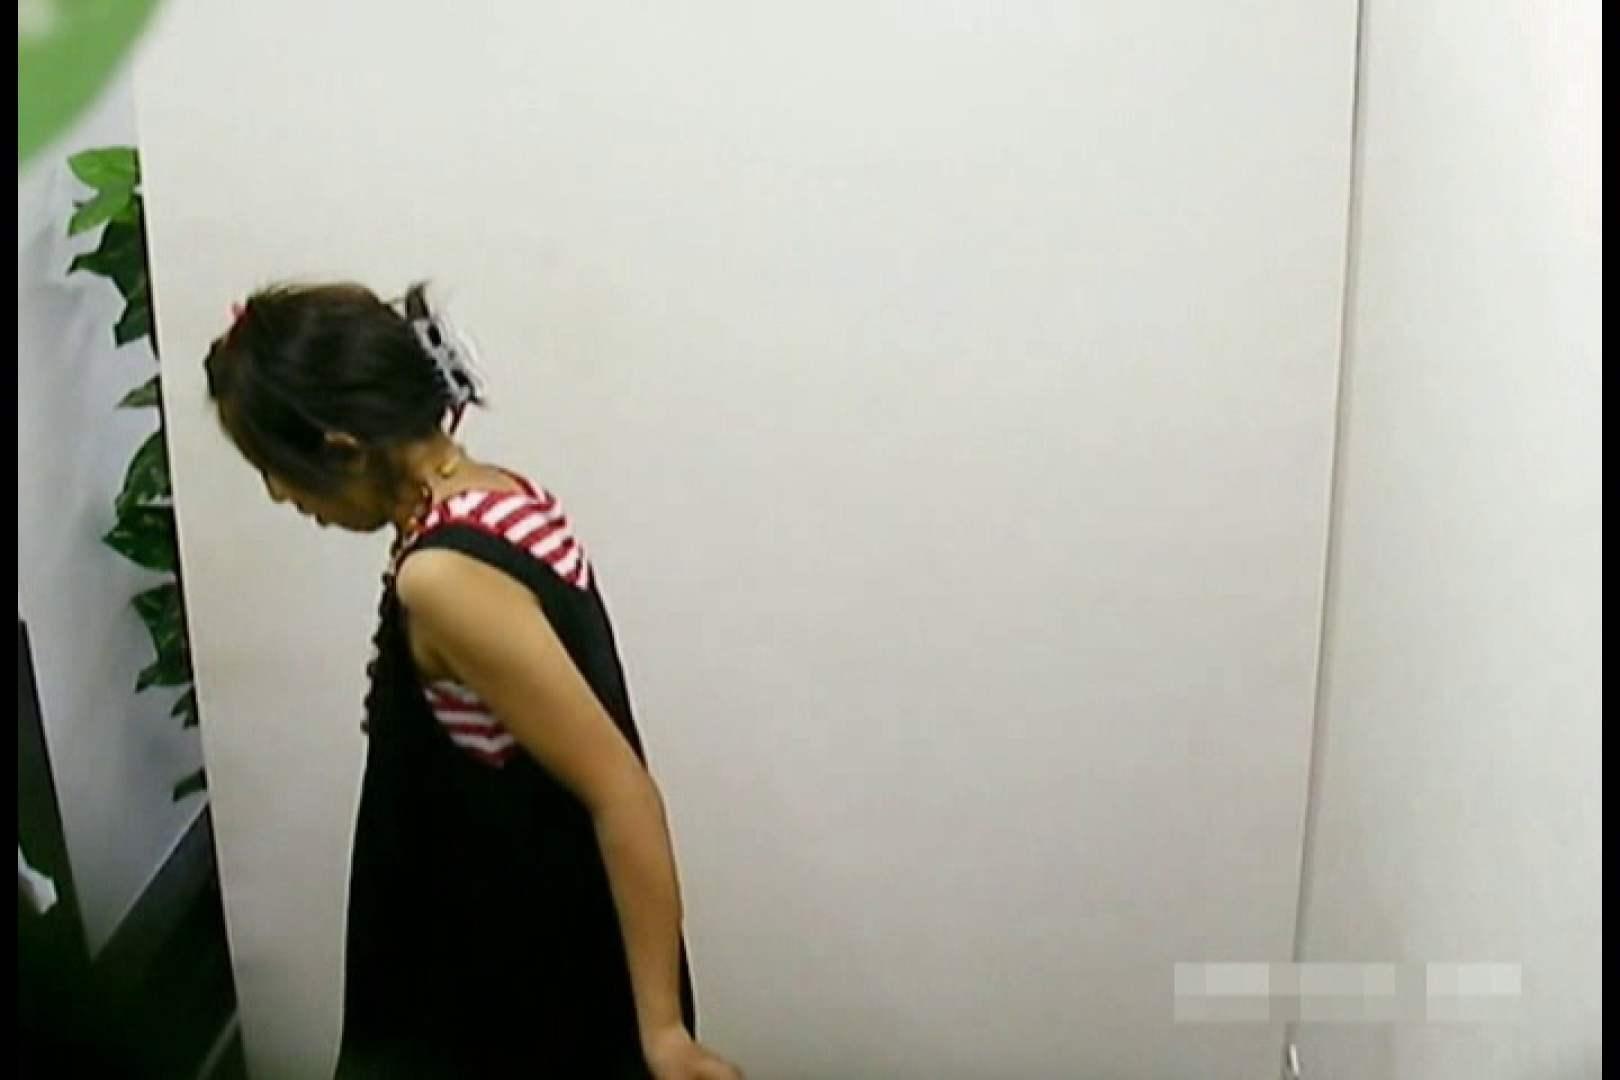 素人撮影 下着だけの撮影のはずが・・・エミちゃん18歳 おっぱい  44連発 3